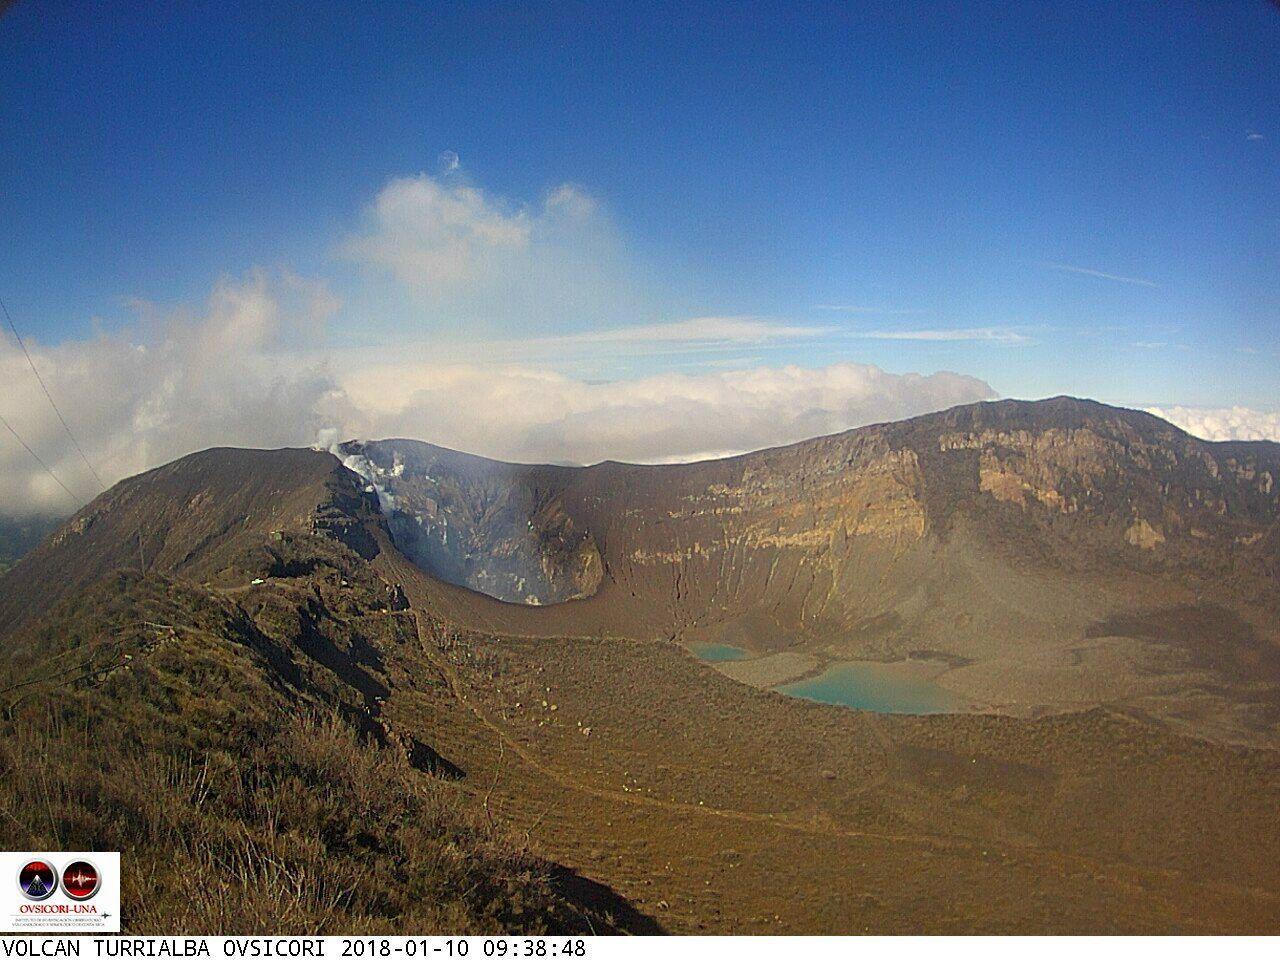 Turrialba - émissions passives de cendres le 08.01.2018 / 13h39, et dégazage passif le 10.01.2018 / 9h38, qui laisse voir les parois internes du cratère - photos webcam Ovsicori